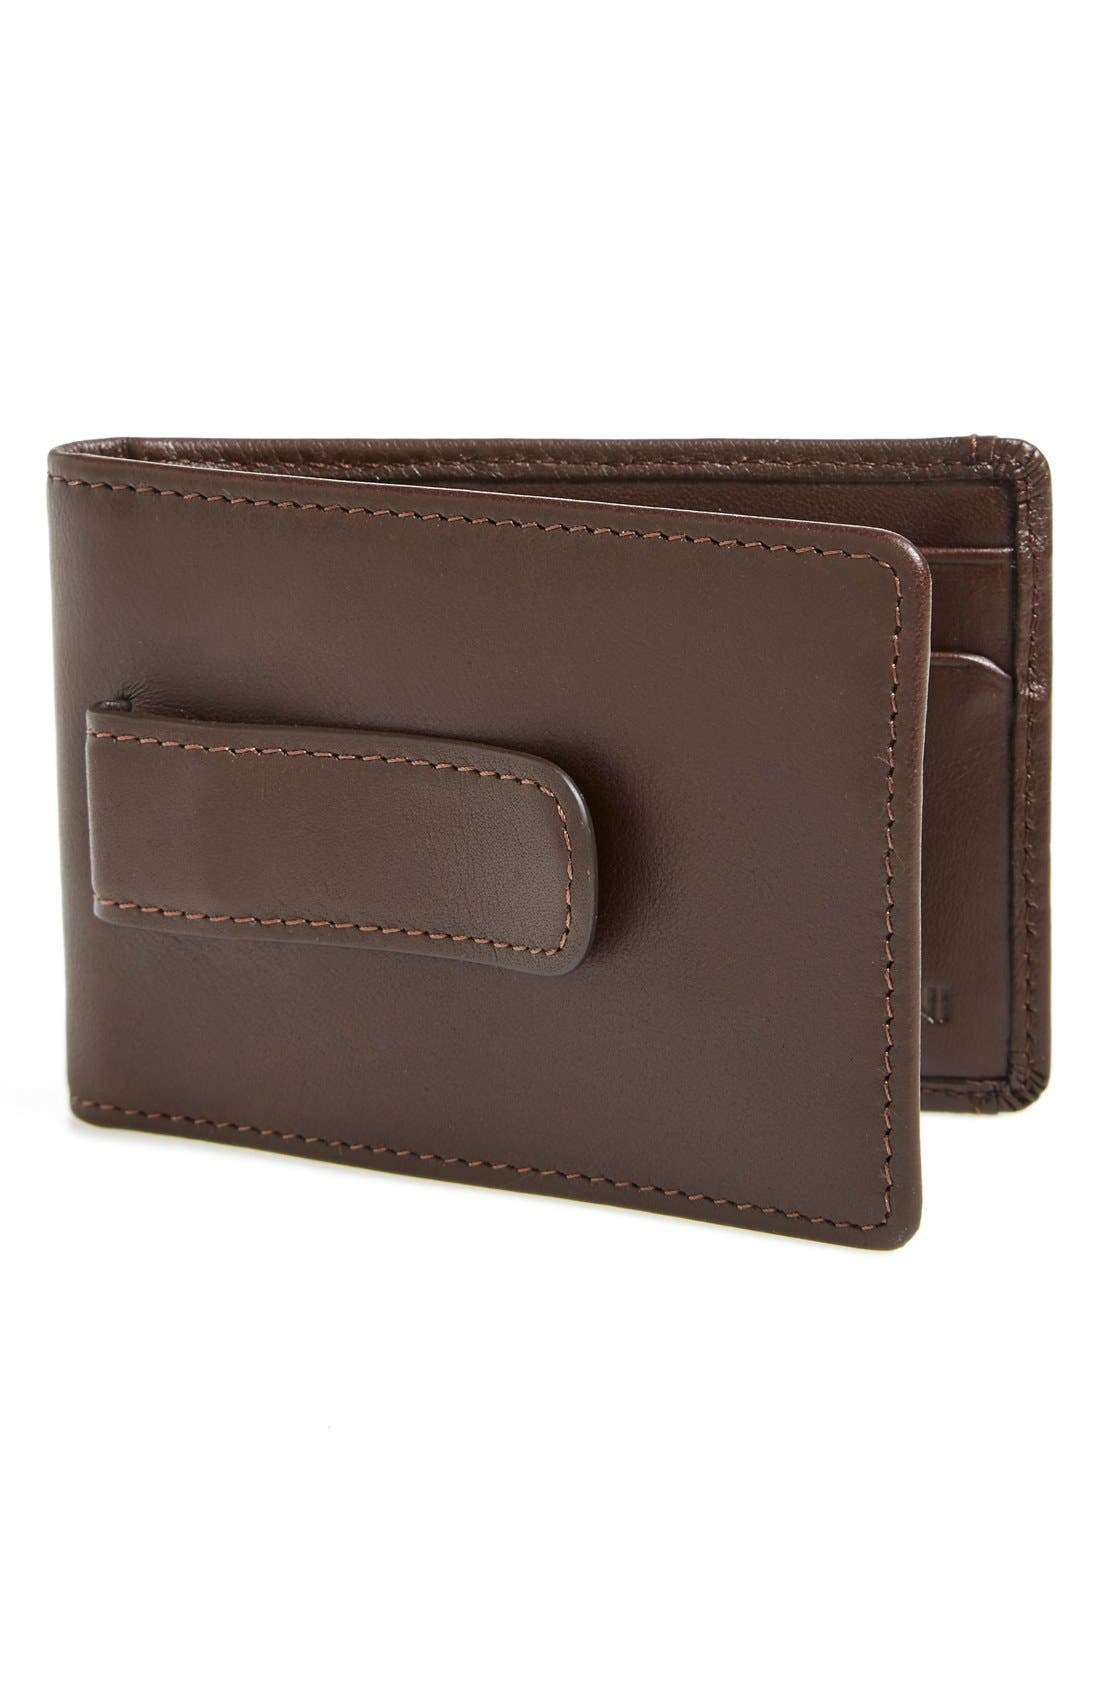 BOCONI Collins Money Clip Wallet